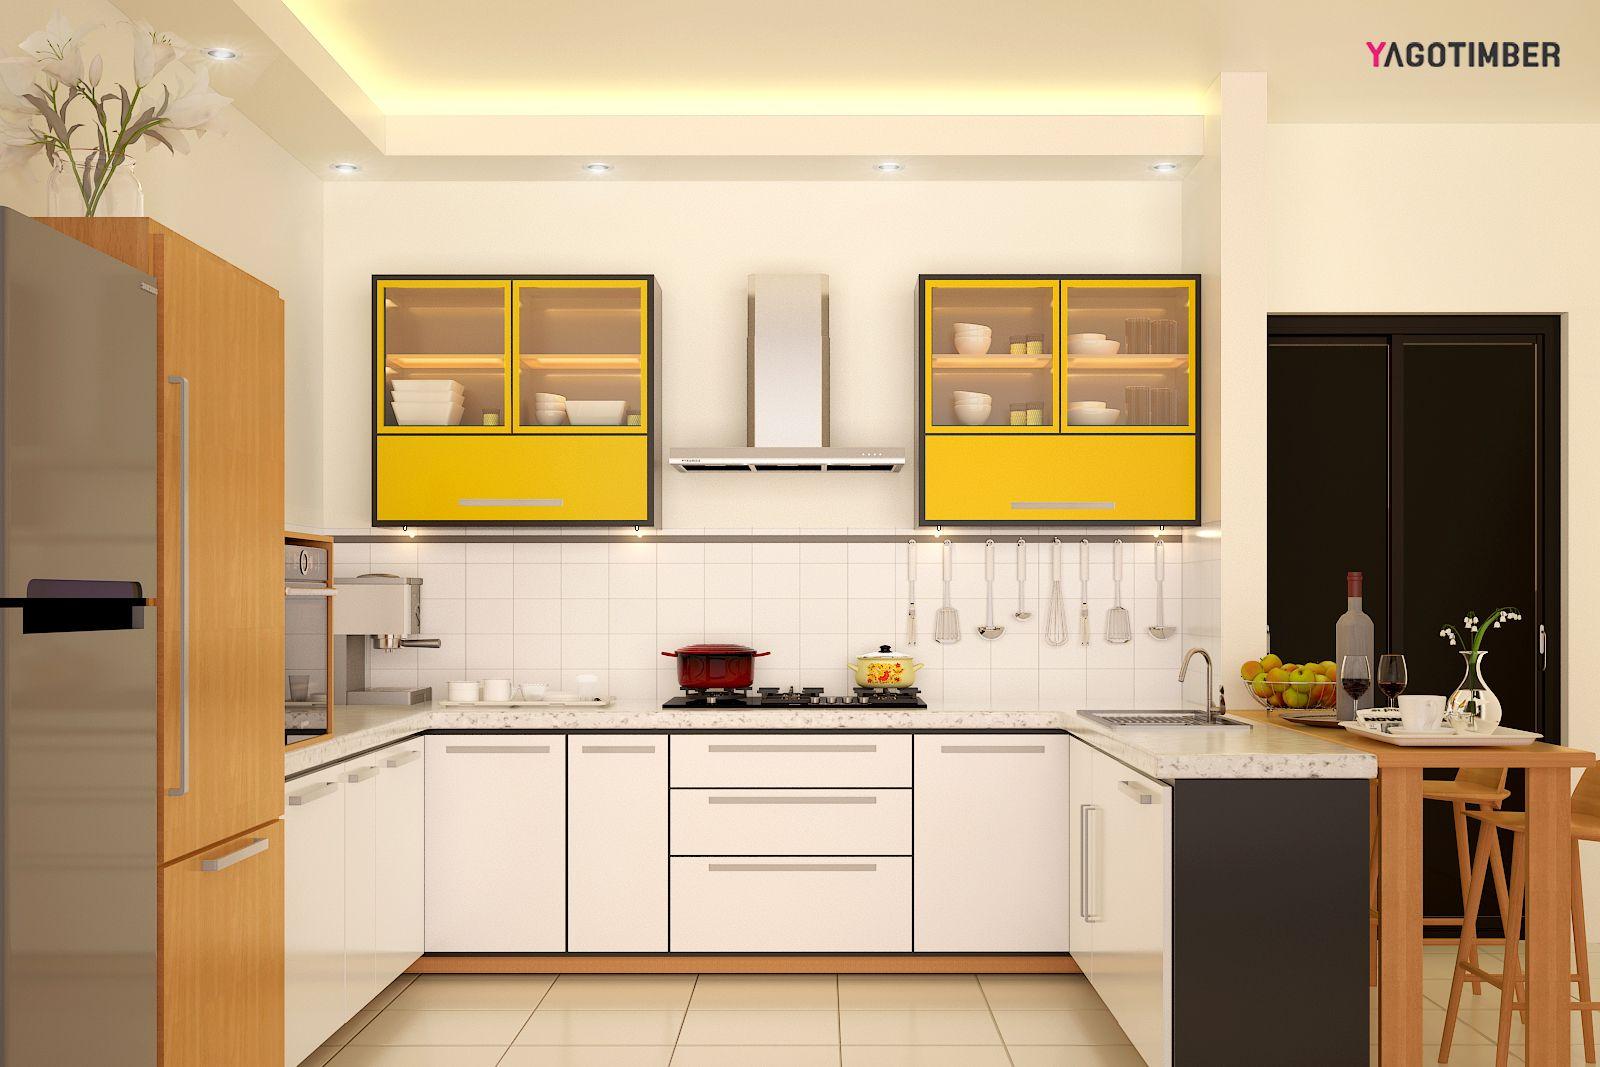 beautiful u shape kitchen design in noida yagotimber interior design kitchen modern on l kitchen interior modern id=19051